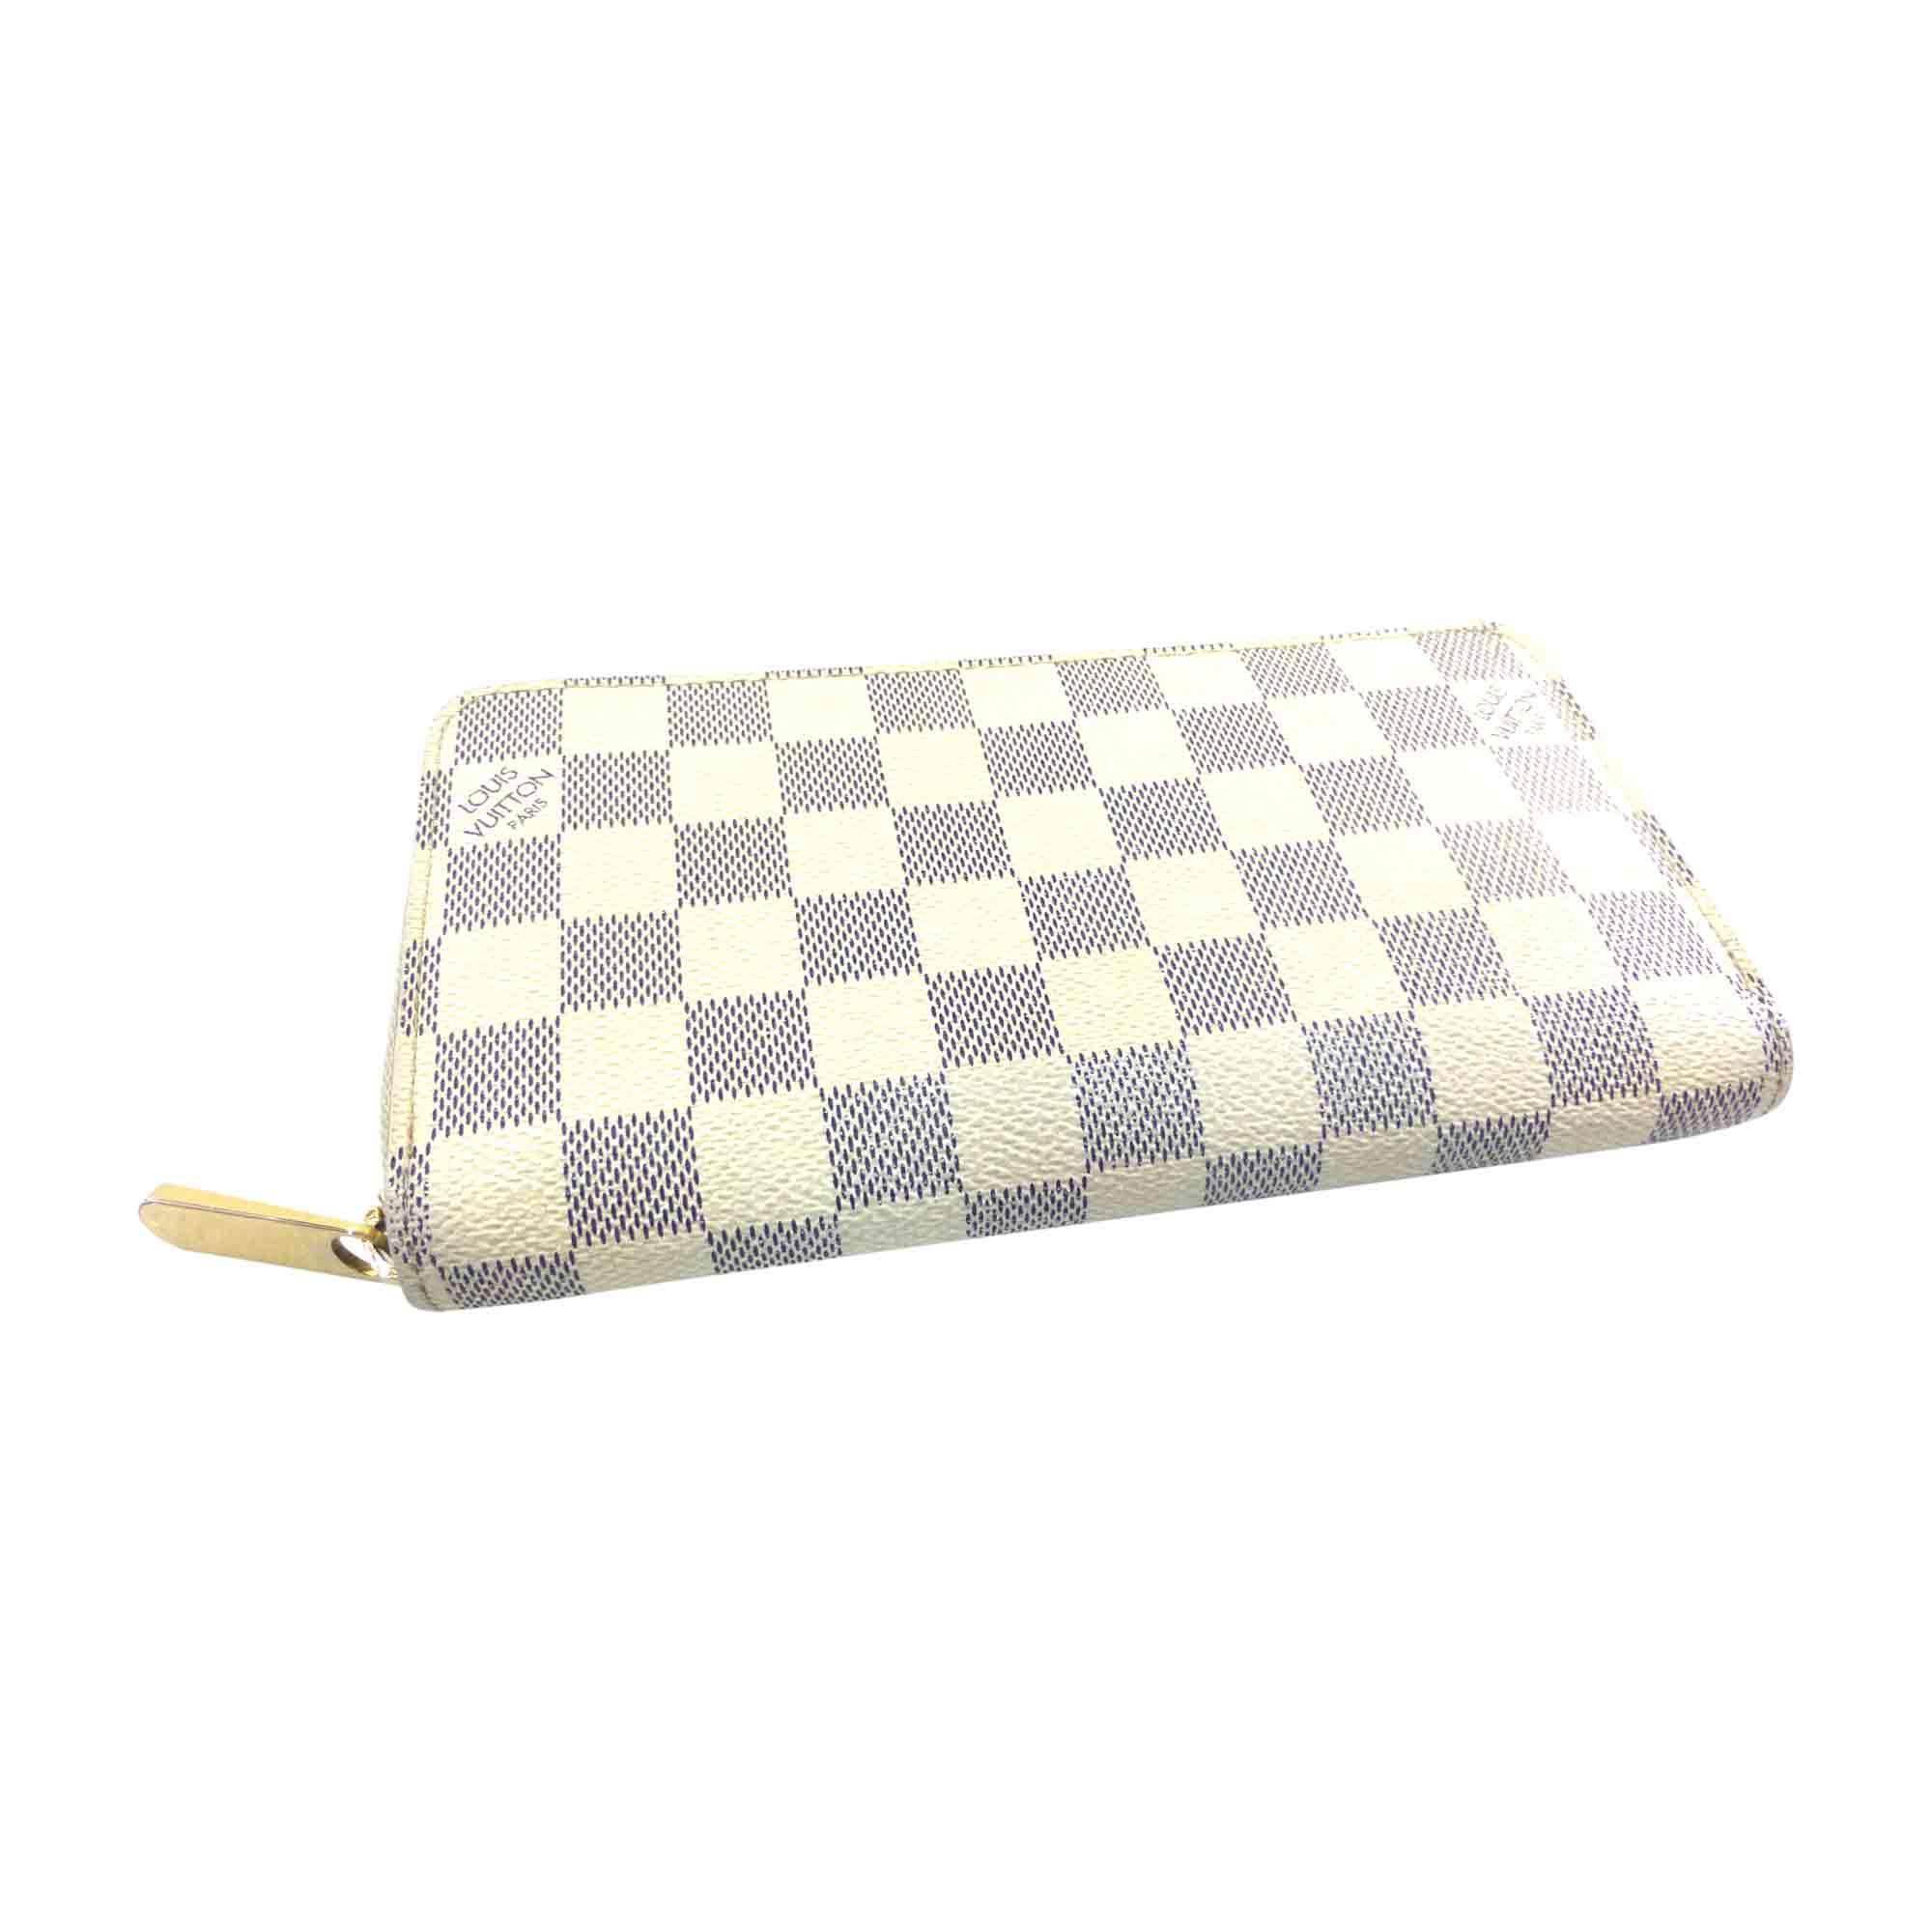 4c0275b9932 Portefeuille LOUIS VUITTON zippy blanc vendu par Bibag - 5370576